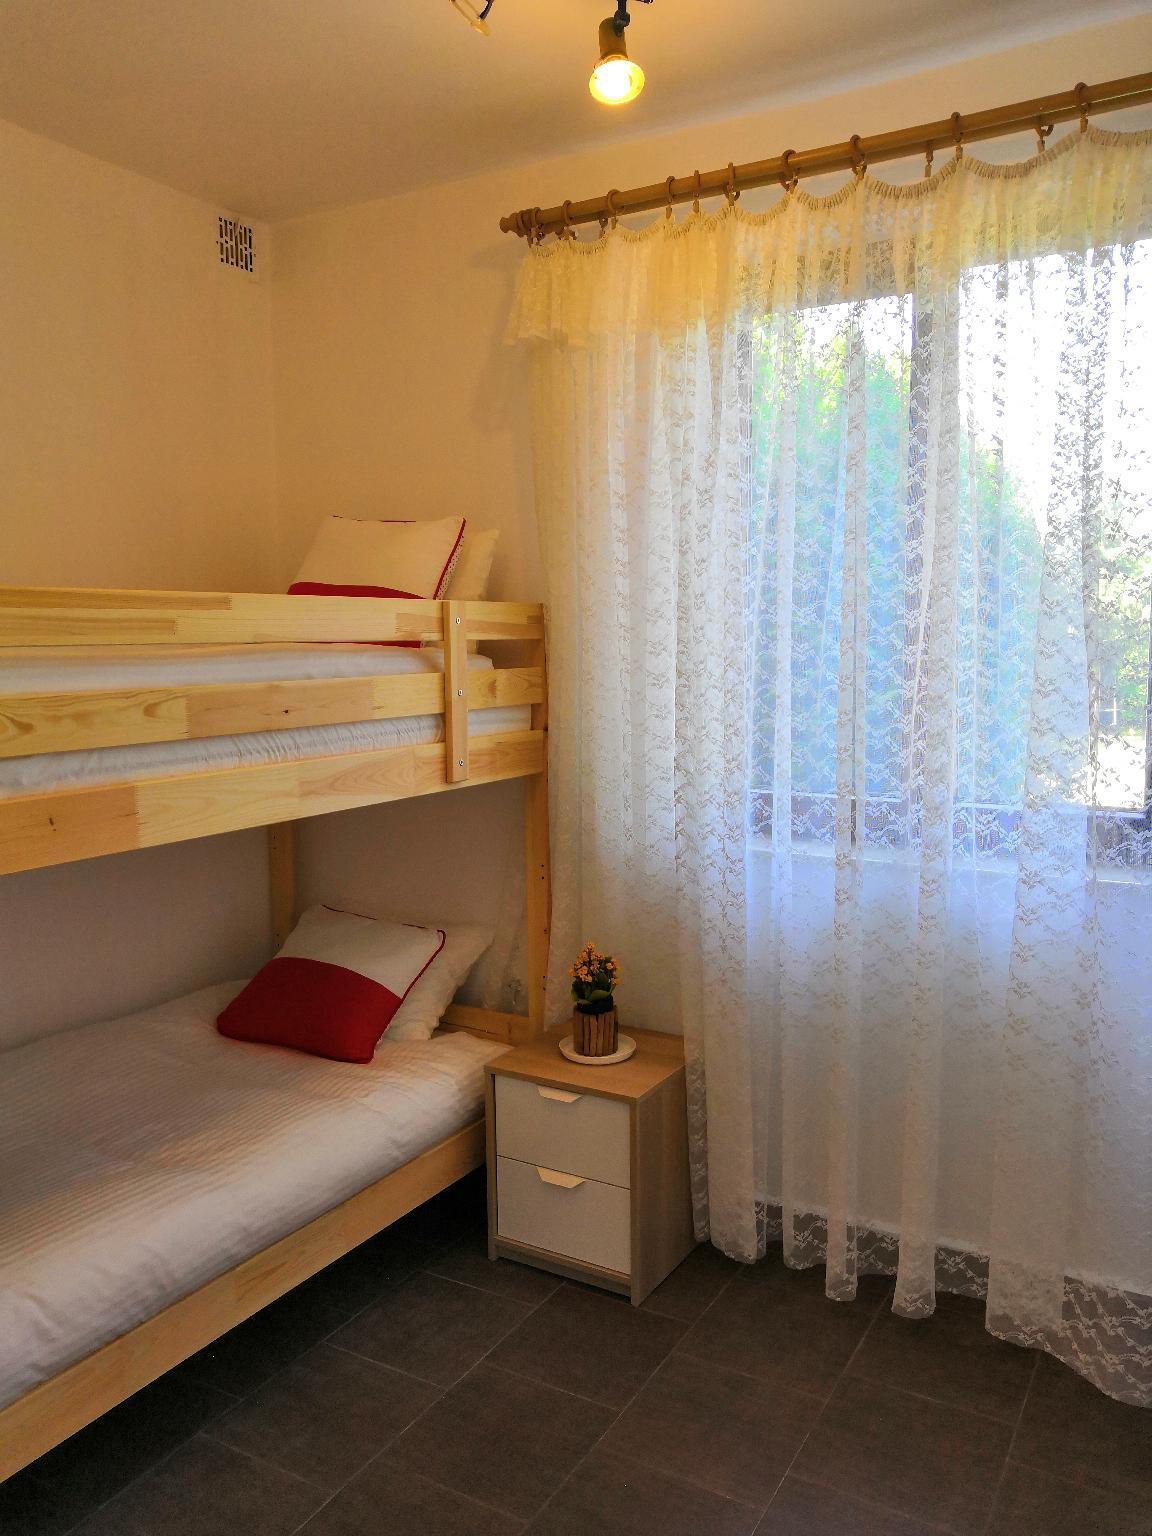 1 Bund Bed Two People Room 000